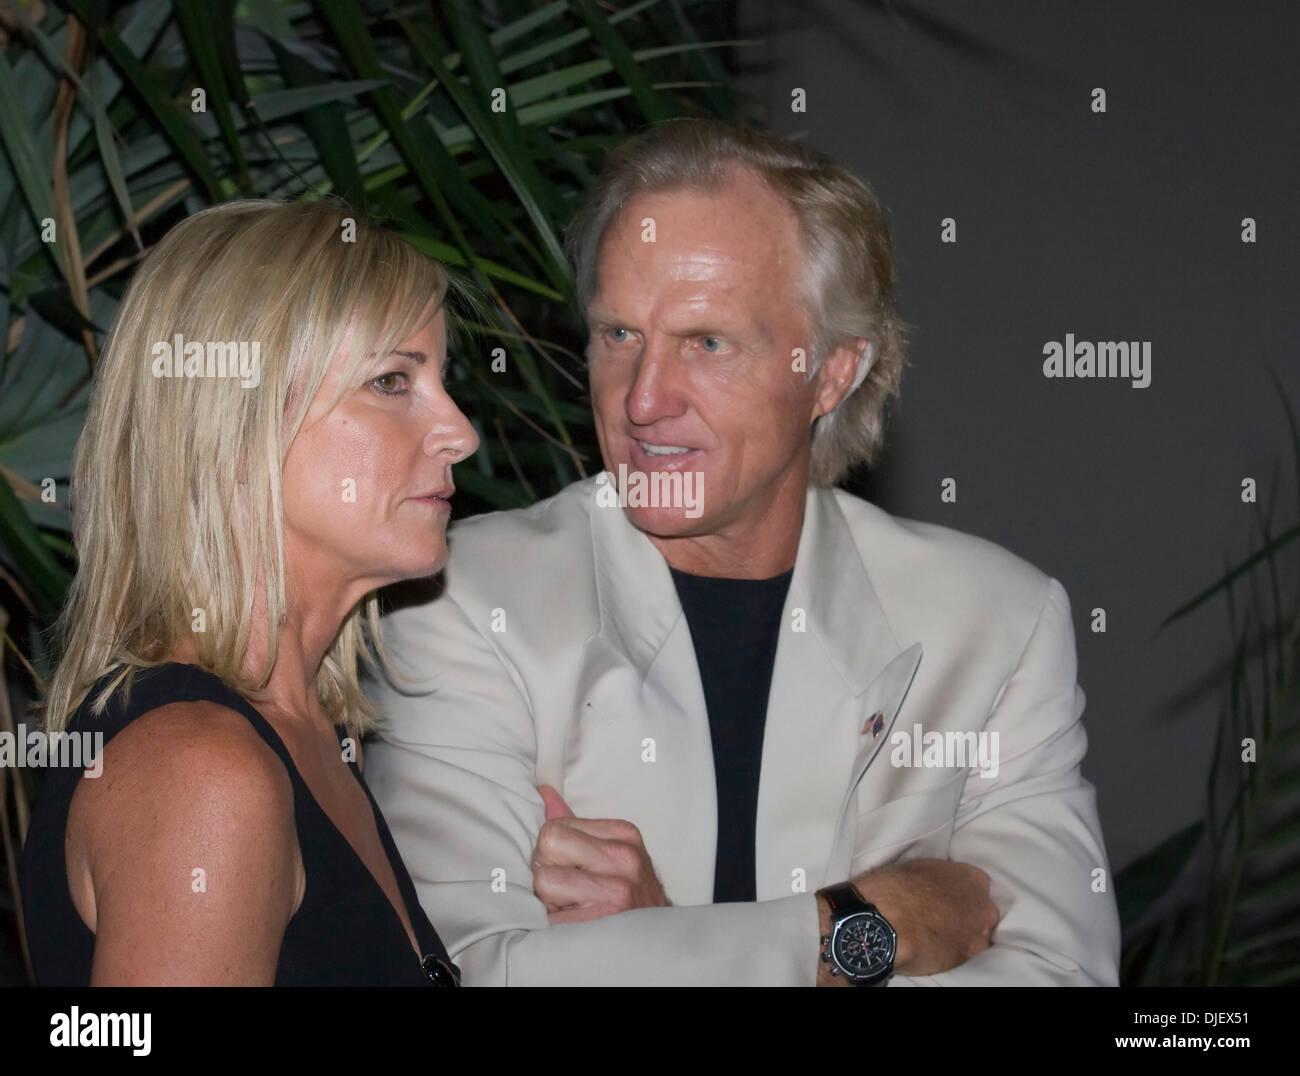 Nov 02 2007 Boca Raton Florida Usa Greg Norman And Chris Evert Stock Photo Alamy